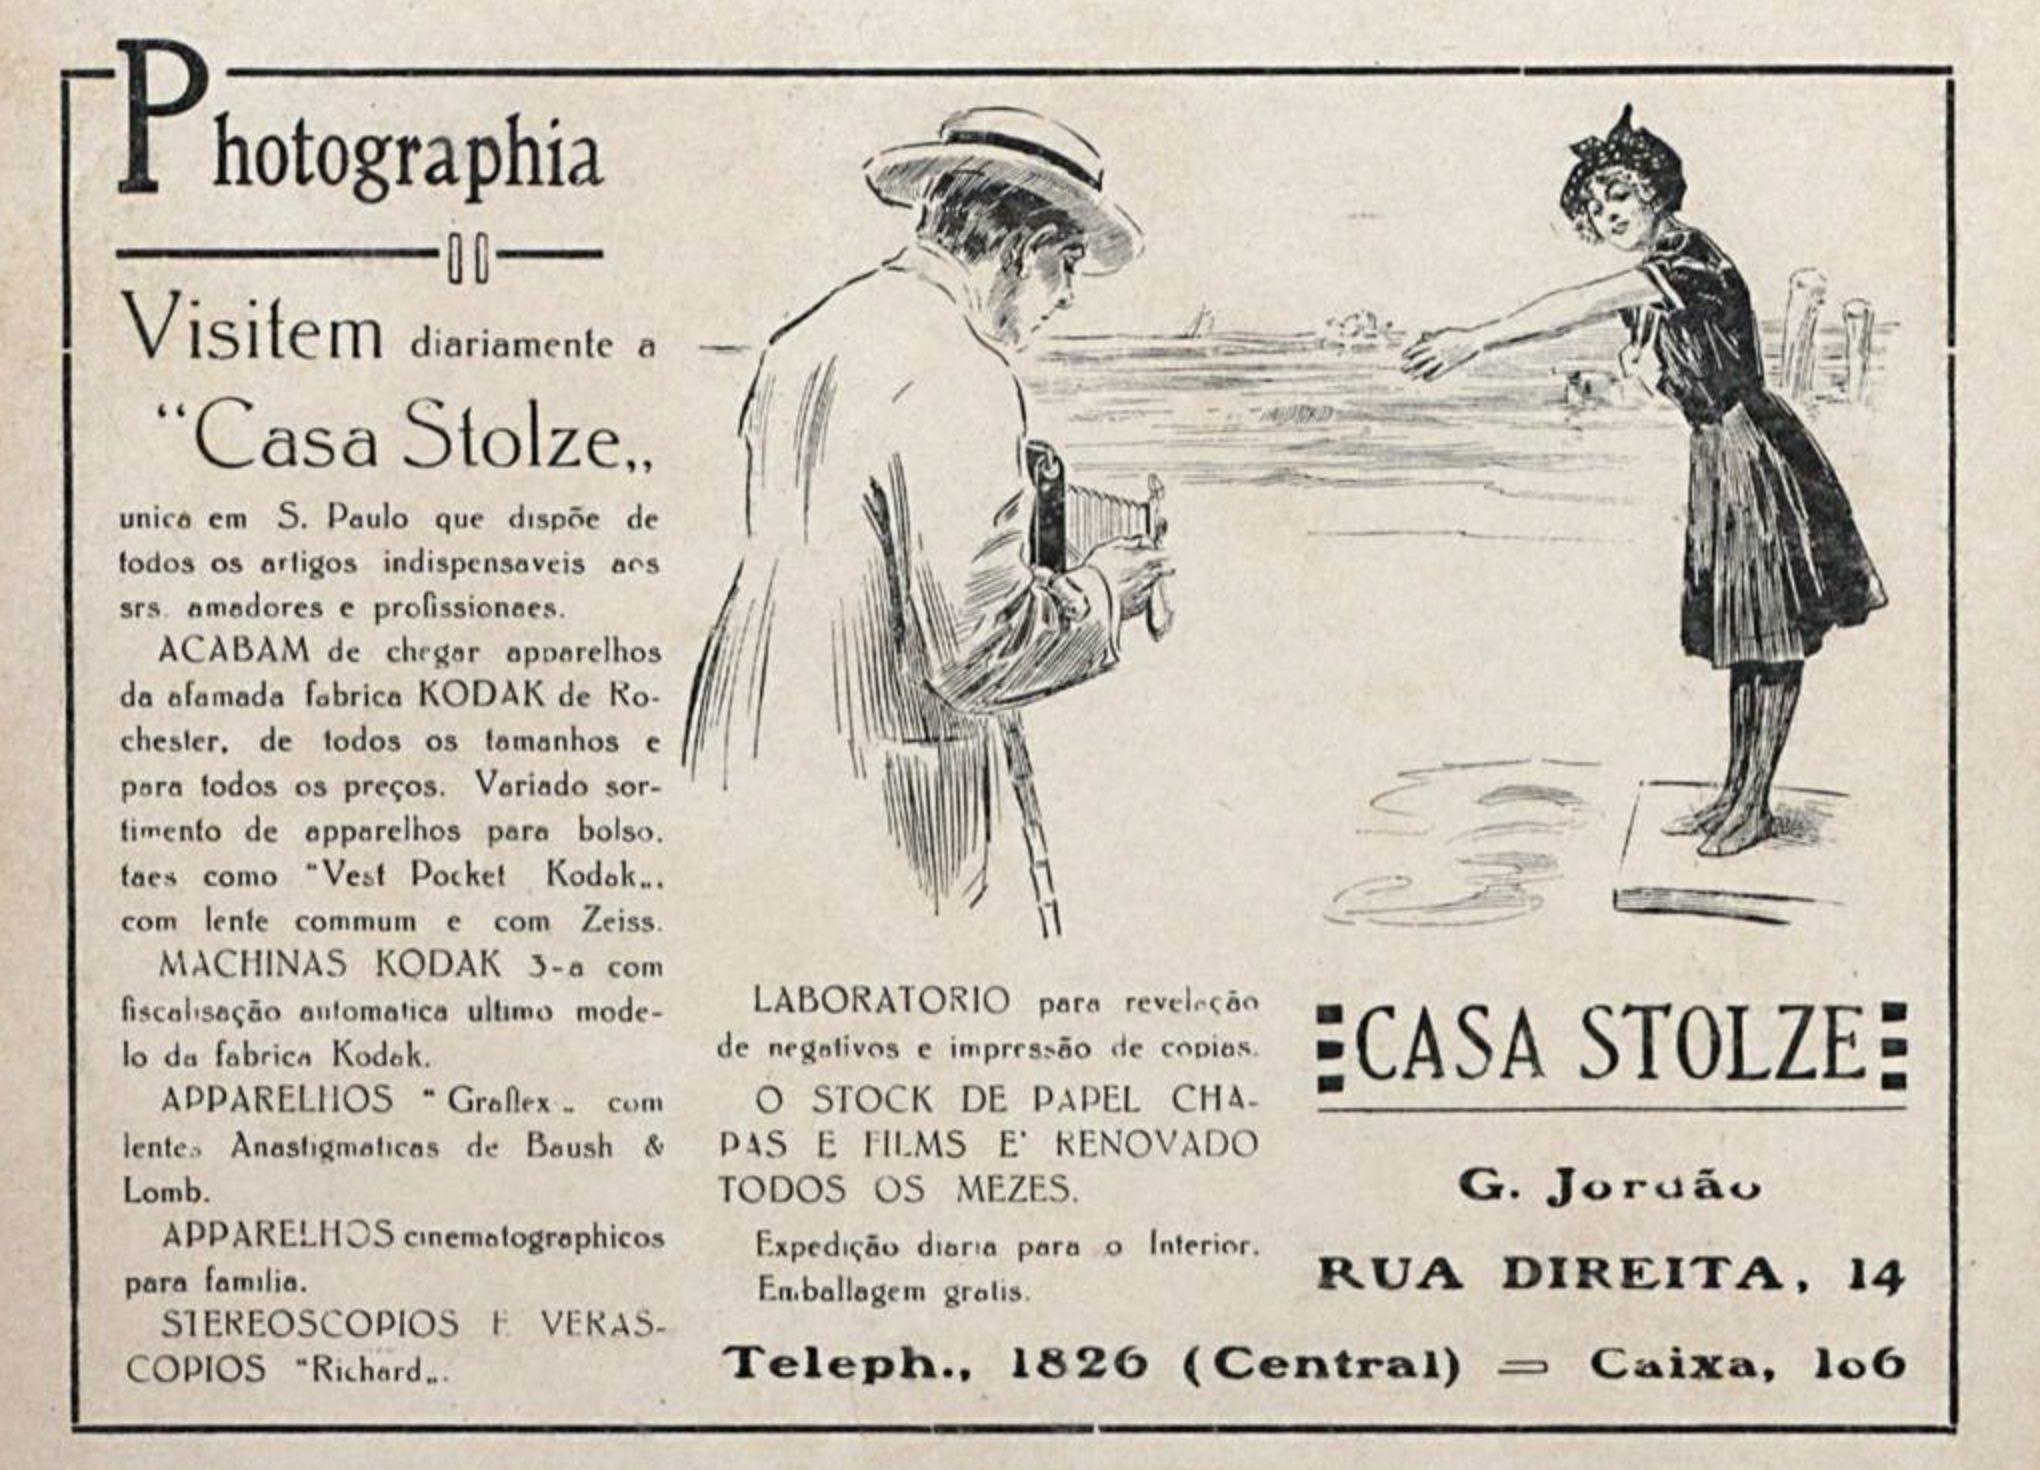 Anúncio da Casa Stolze em 1917 para os amantes da fotografia